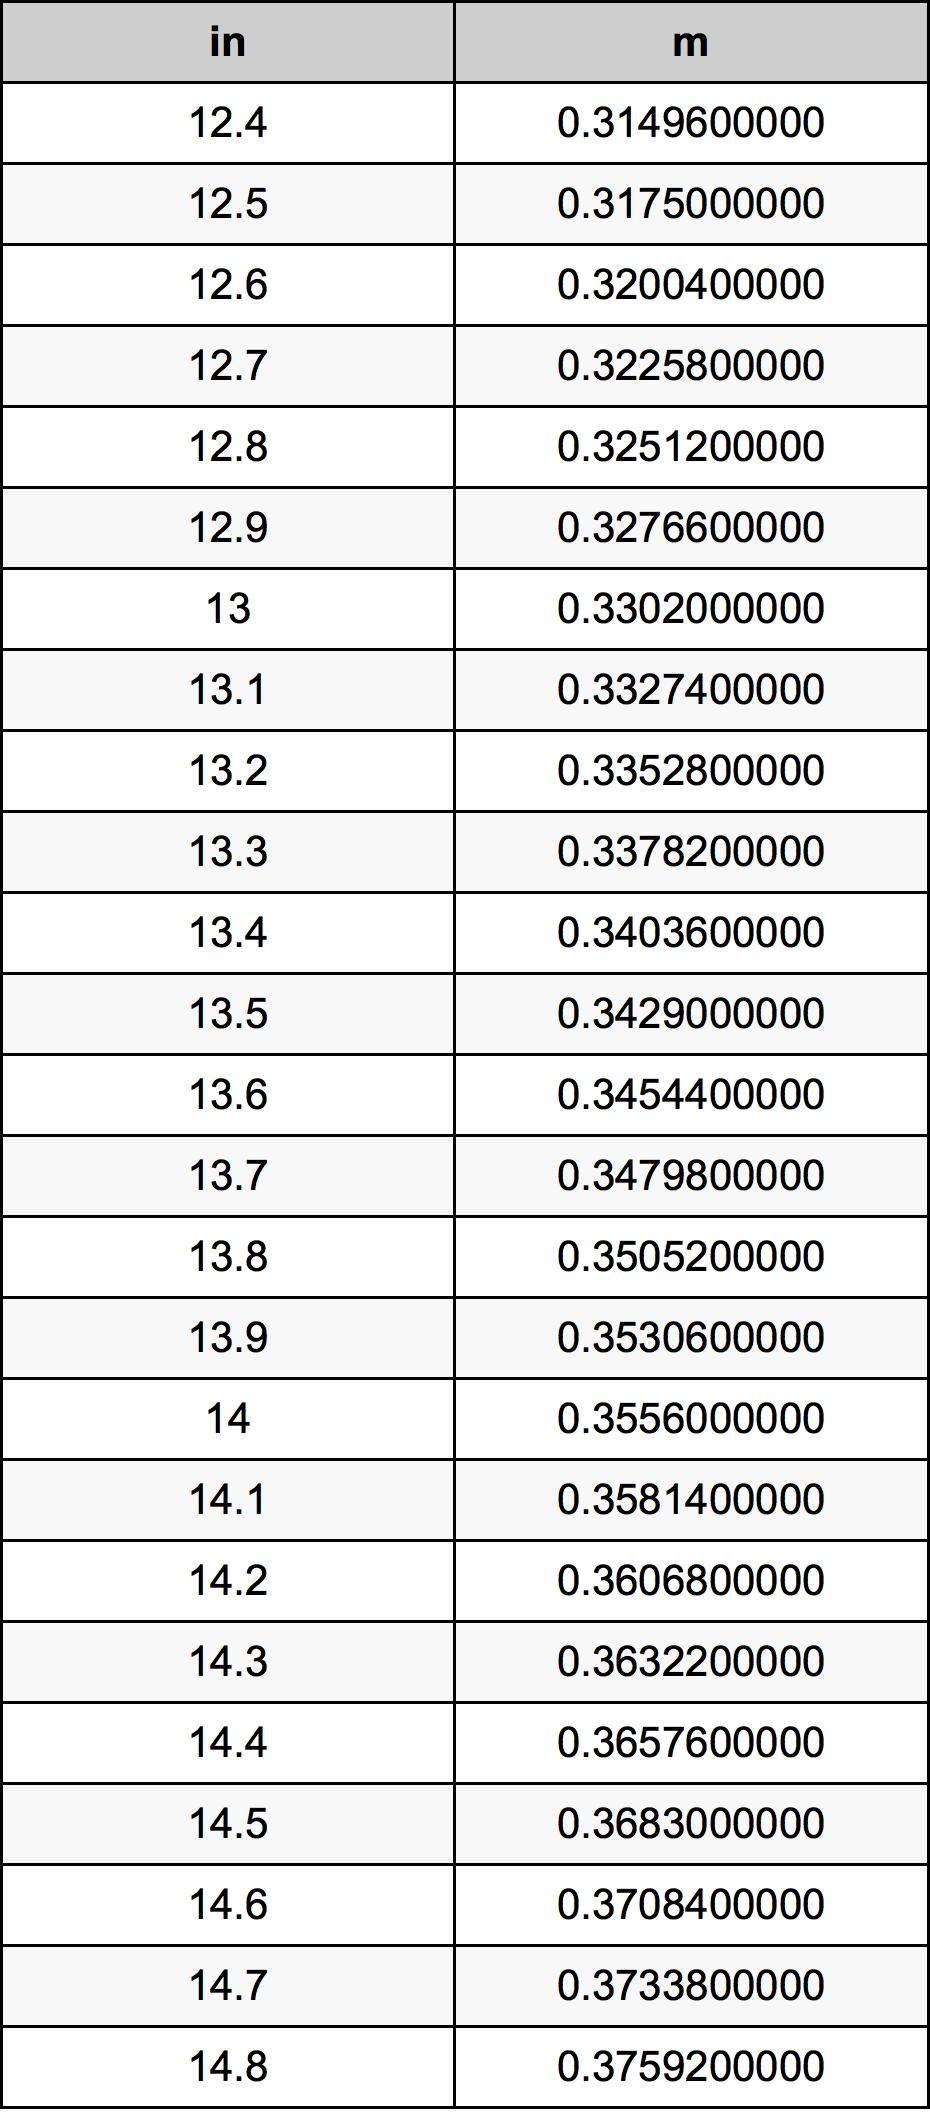 13.6 بوصة جدول تحويل